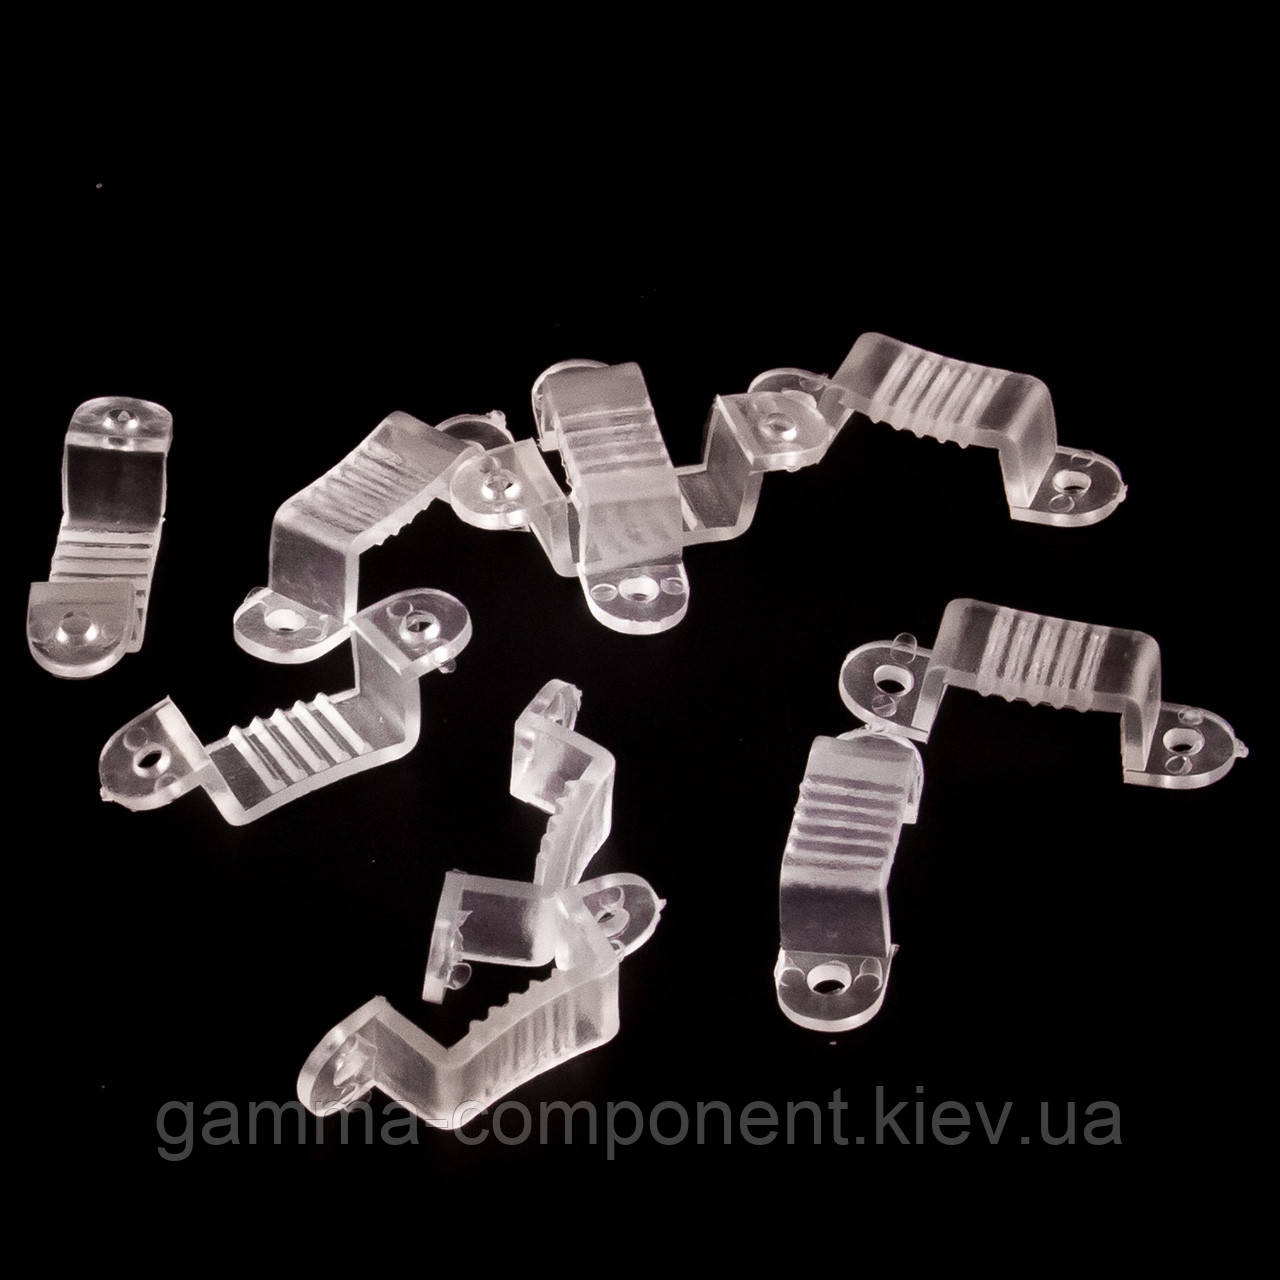 Монтажная клипса для светодиодной ленты 220В  AVT smd 5050-60 лед/м